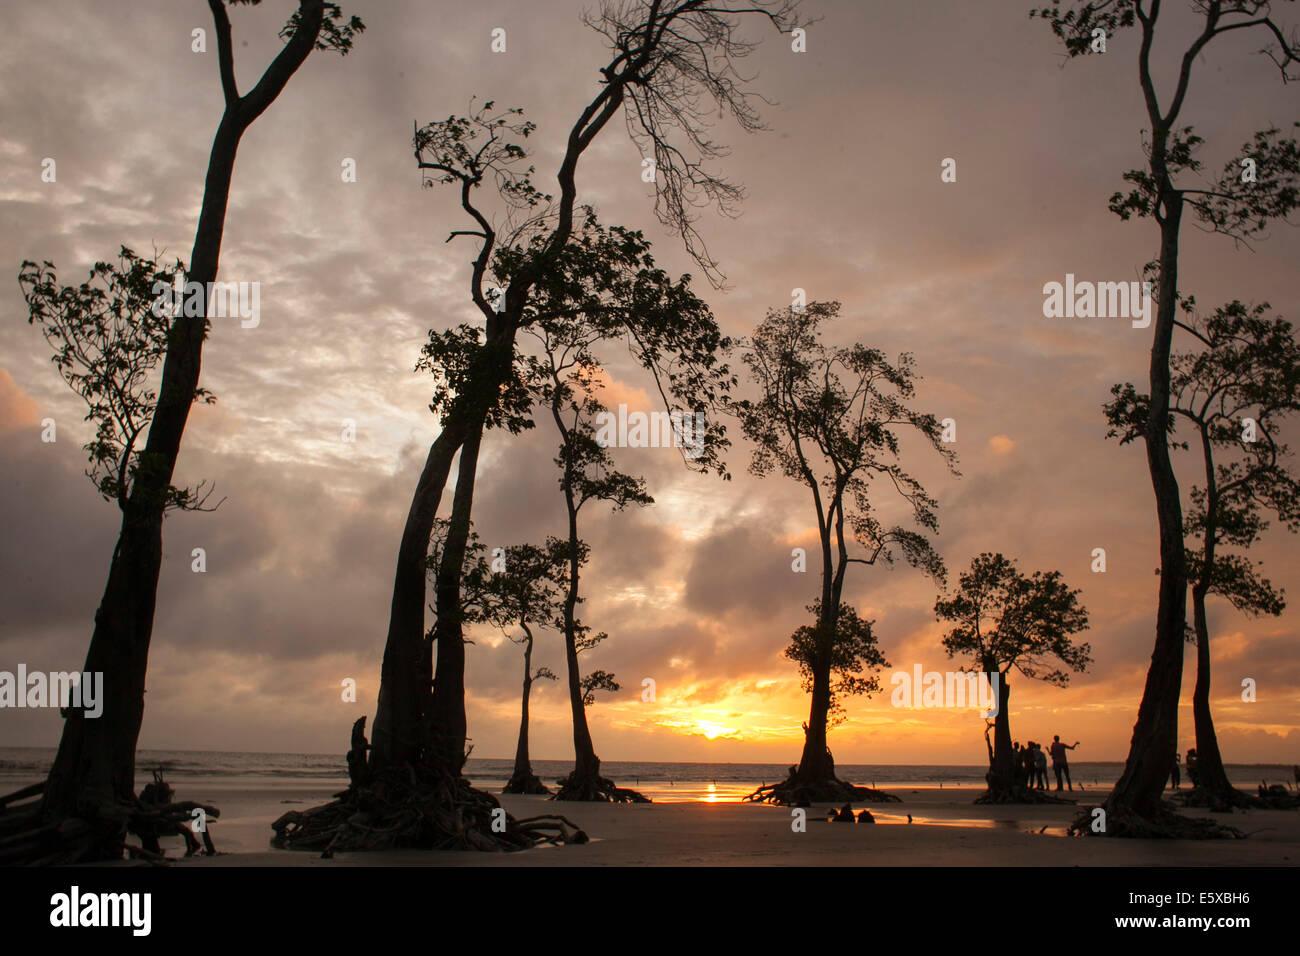 Sunset at kuakata sea beach in Bangladesh - Stock Image